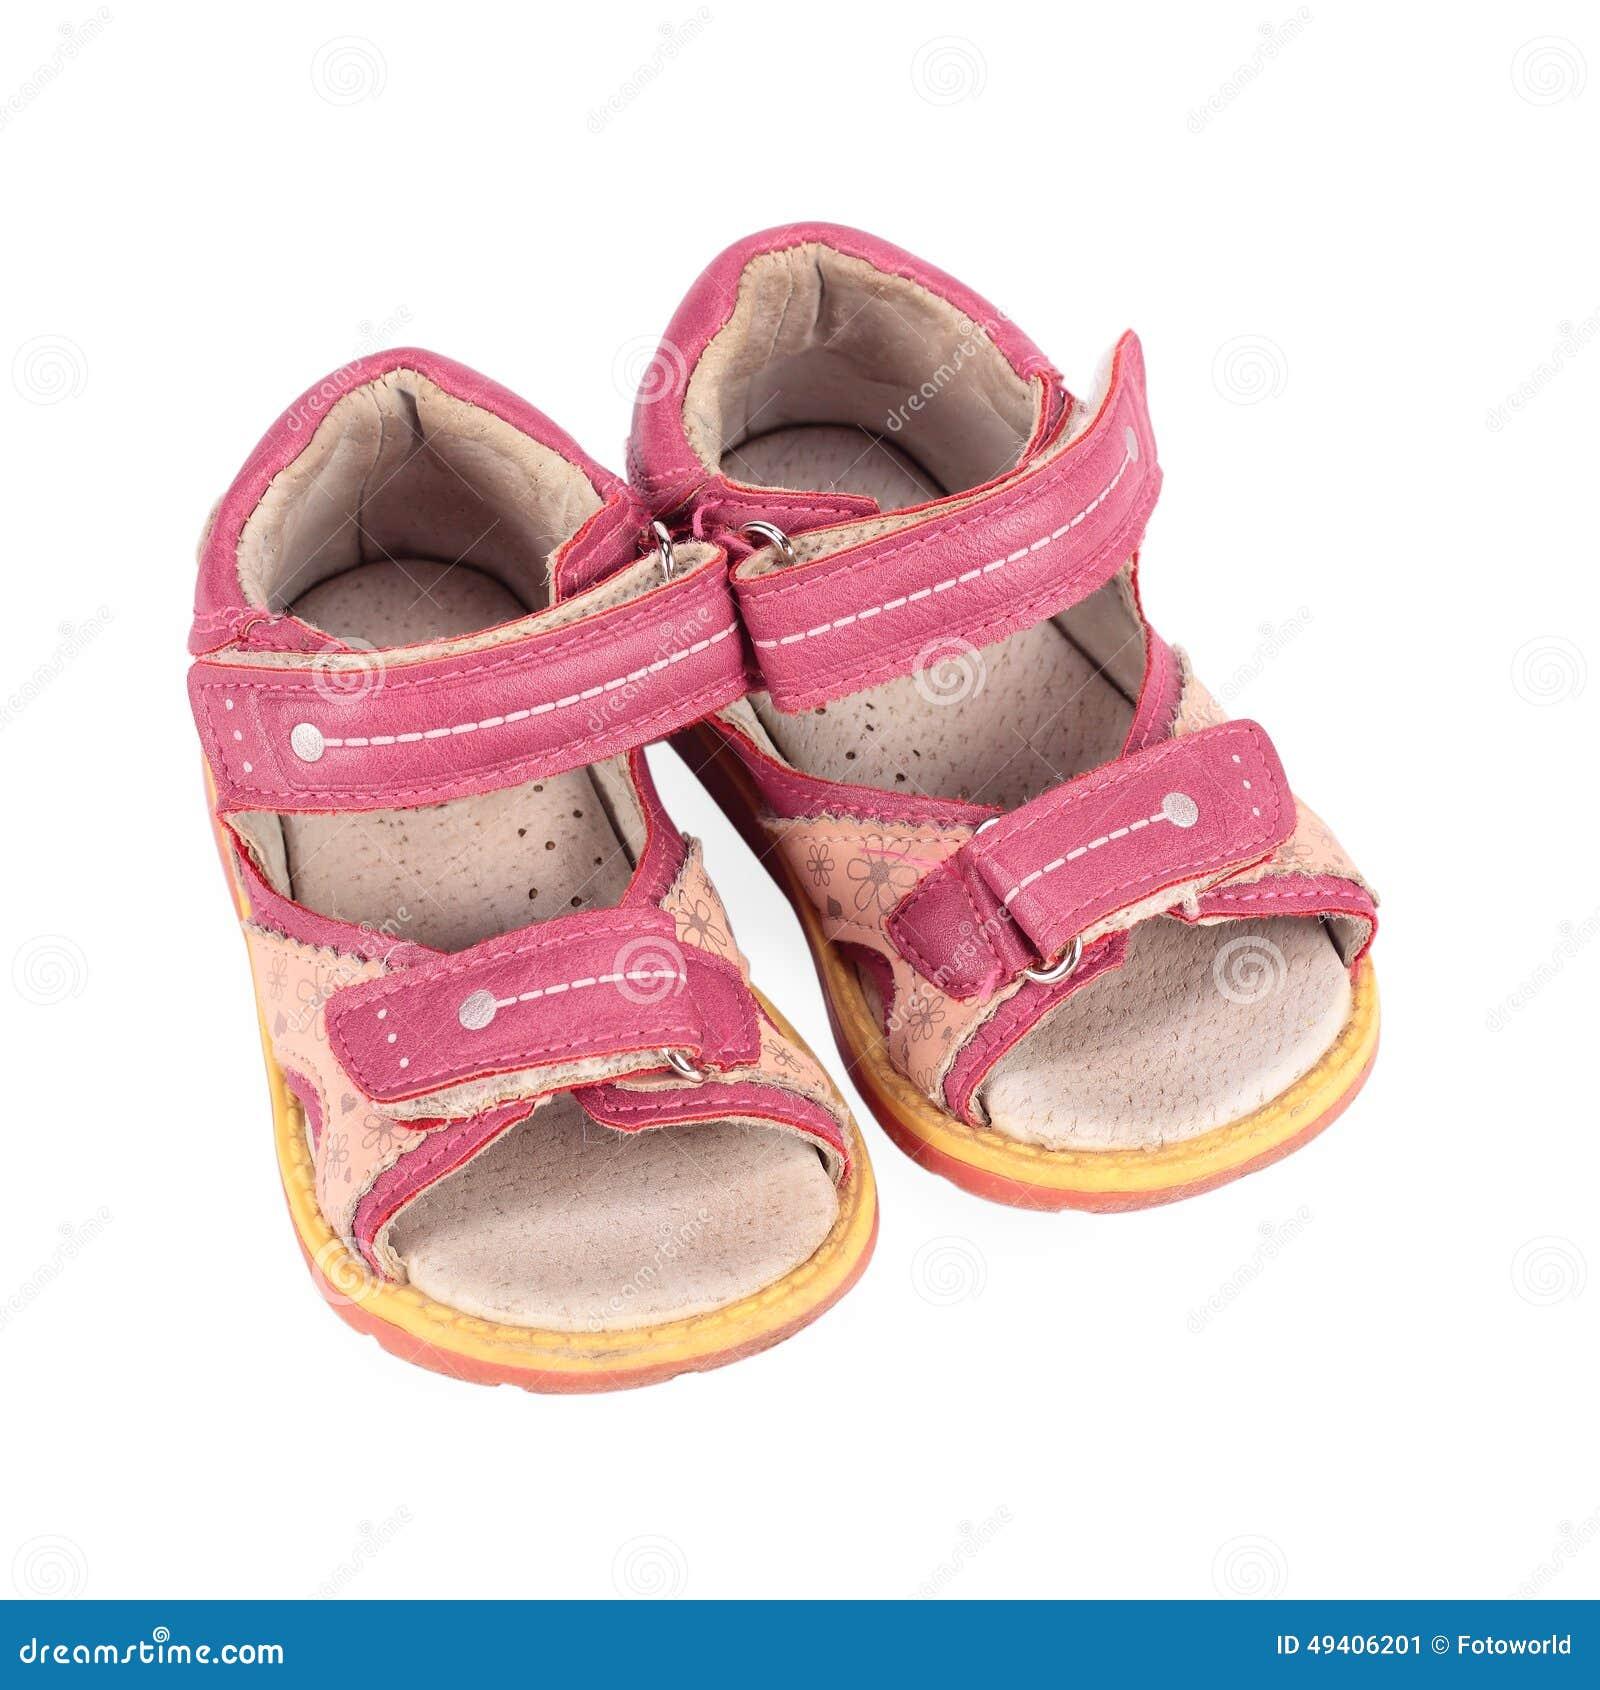 Download Kindersandalen stockbild. Bild von schätzchen, kleidung - 49406201